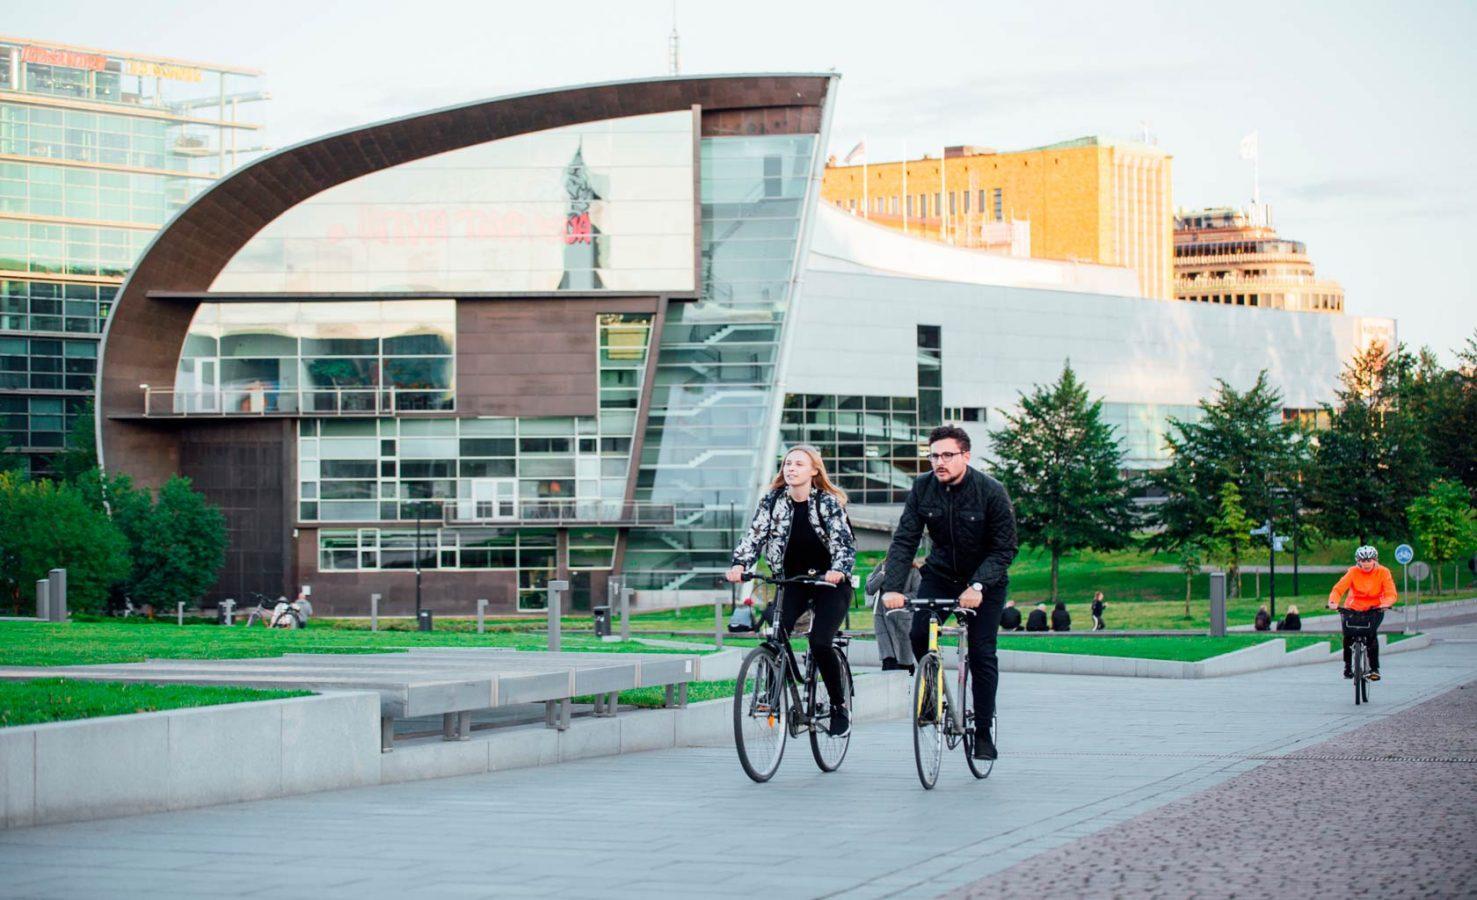 Pyöräilijöitä Kiasman edustalla. Kuva: Visit Finland / Julia Kivelä